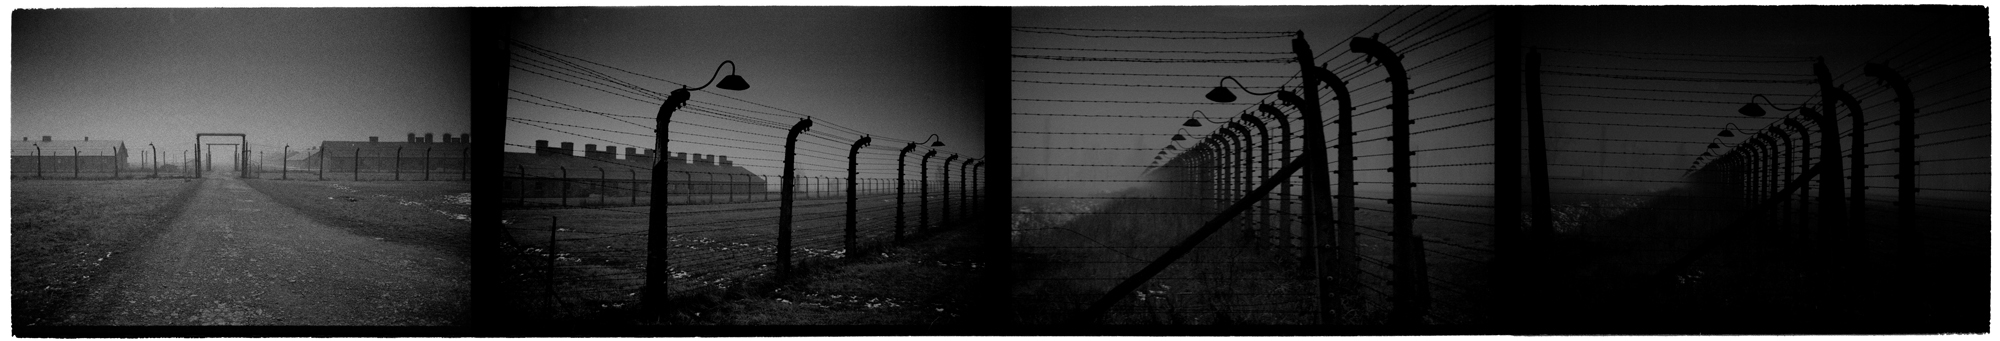 Auschwitz_revisited0008.jpg